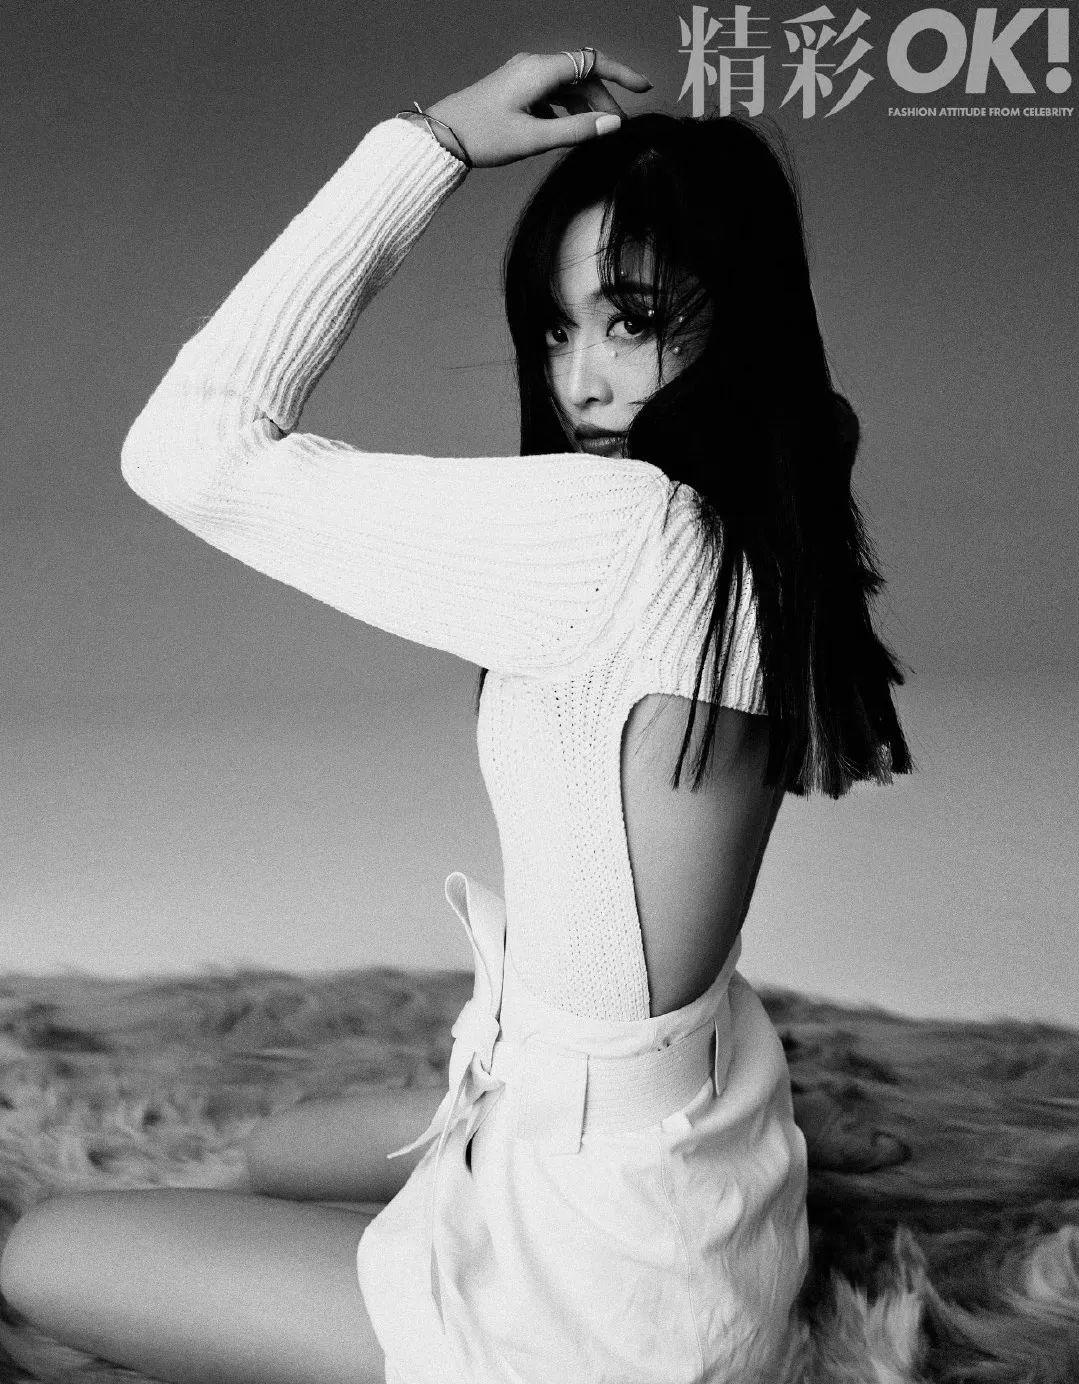 原创吴宣仪挑战新风格,穿露背装、透视裙登杂志,小白兔秒变蛇蝎美人